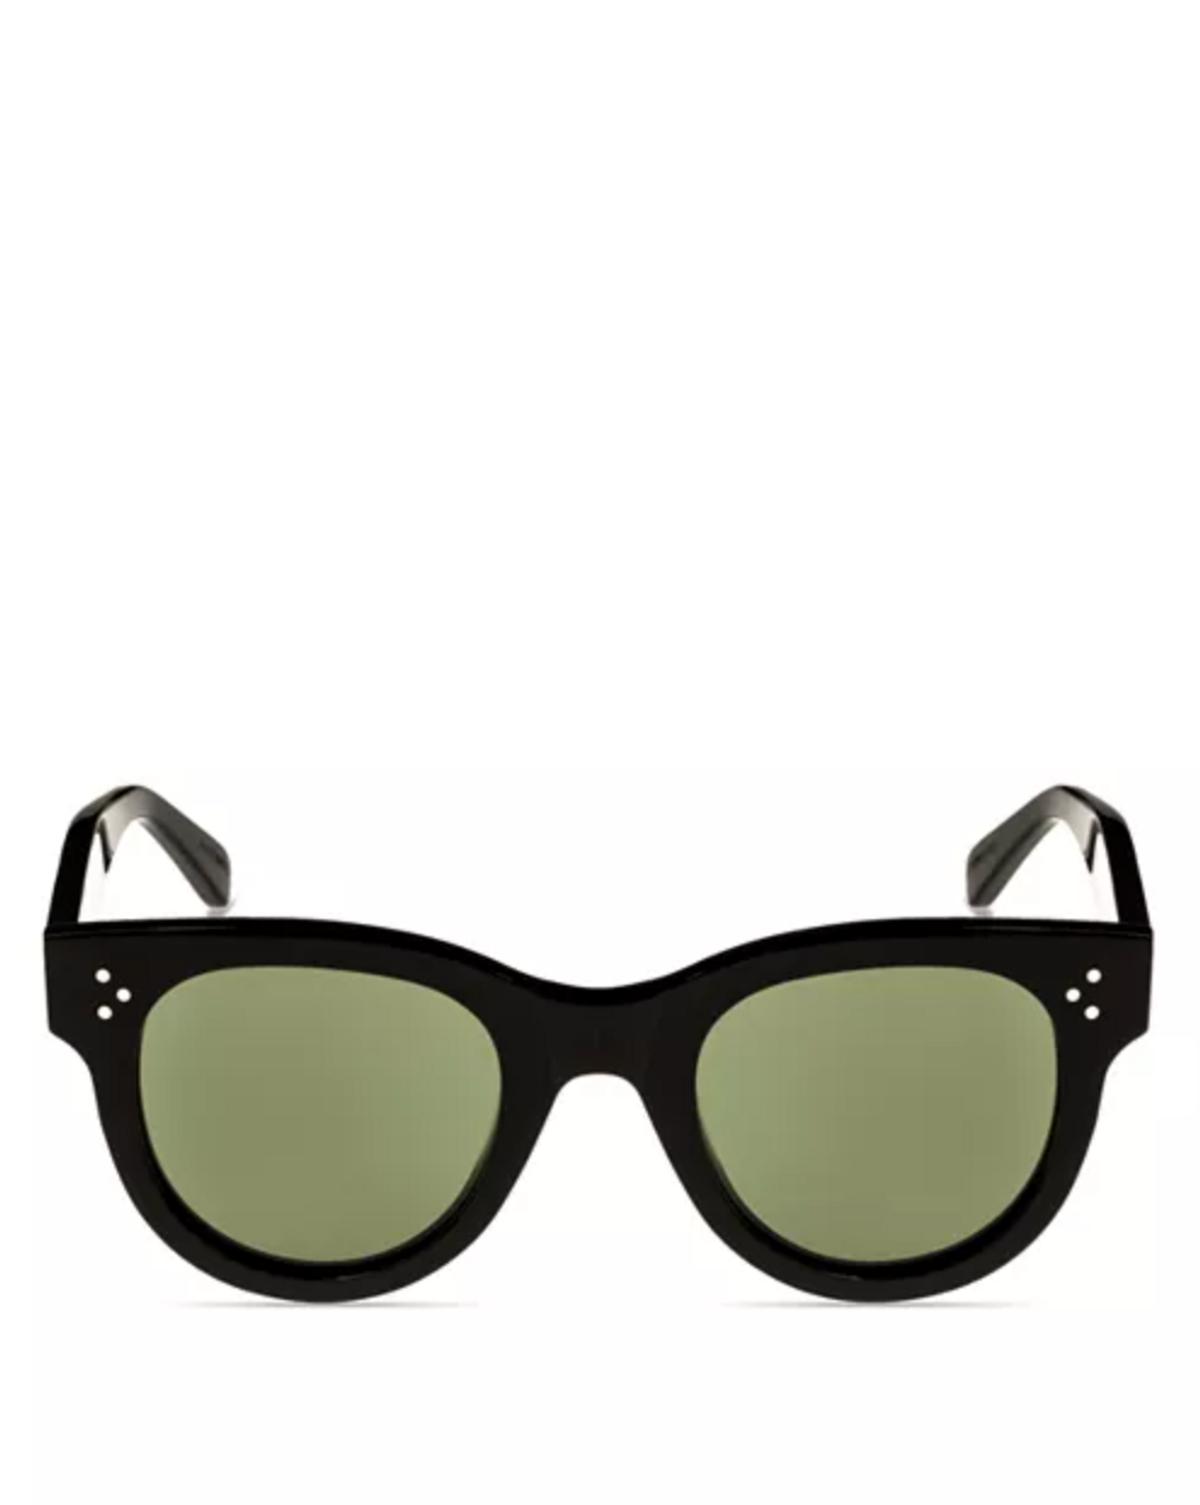 Women's Round Sunglasses 48mm